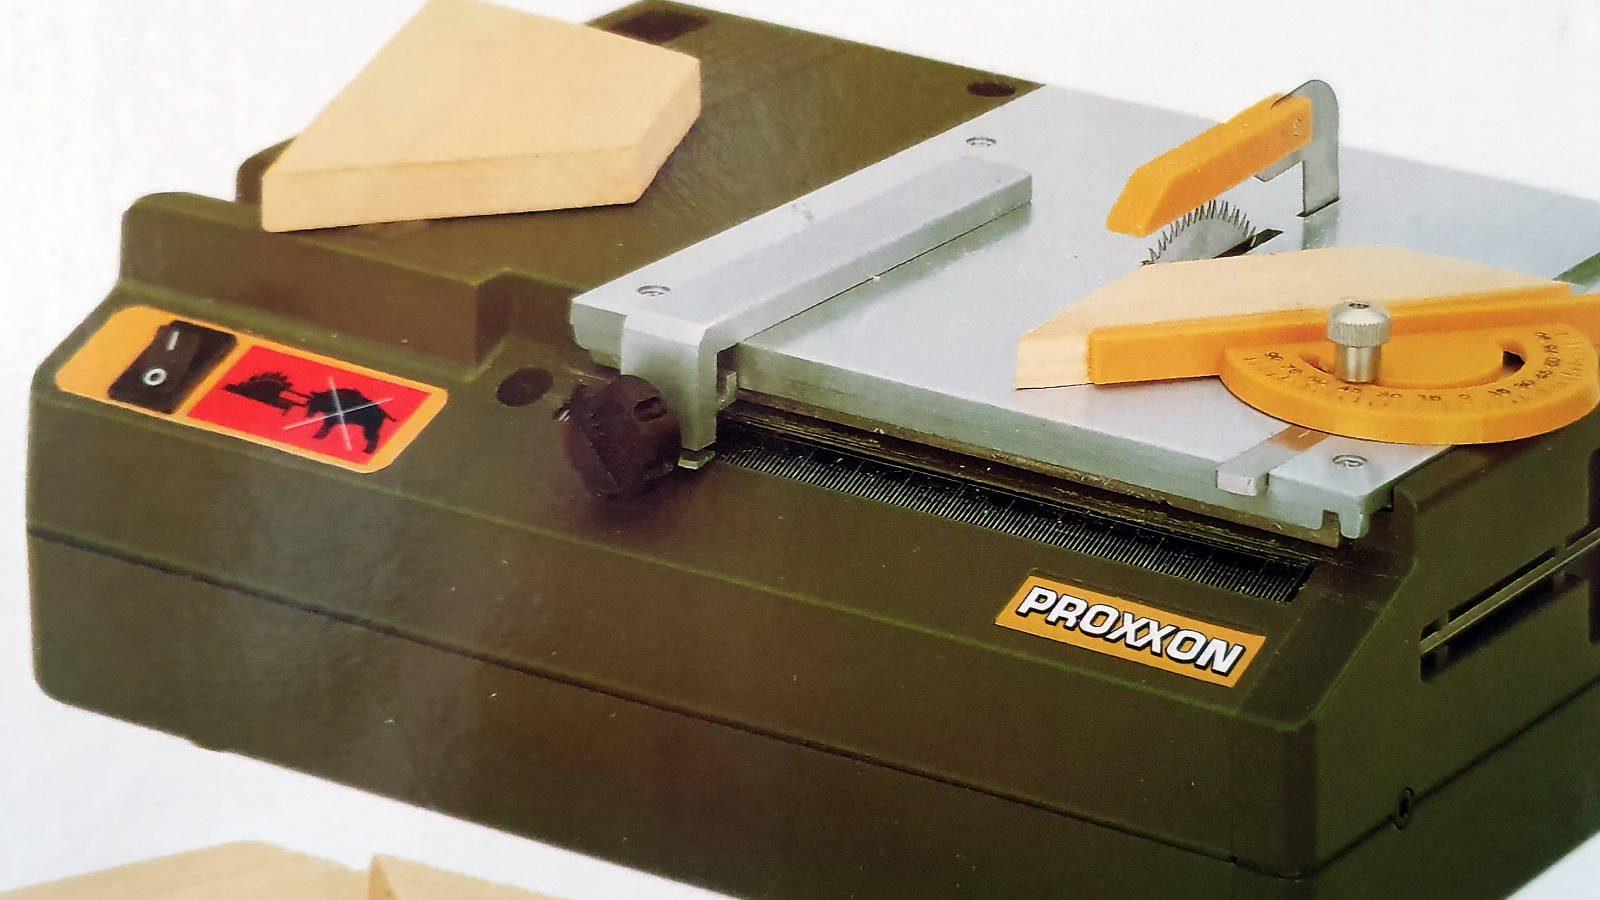 Proxxon KS 230 Tischkreissäge 27006